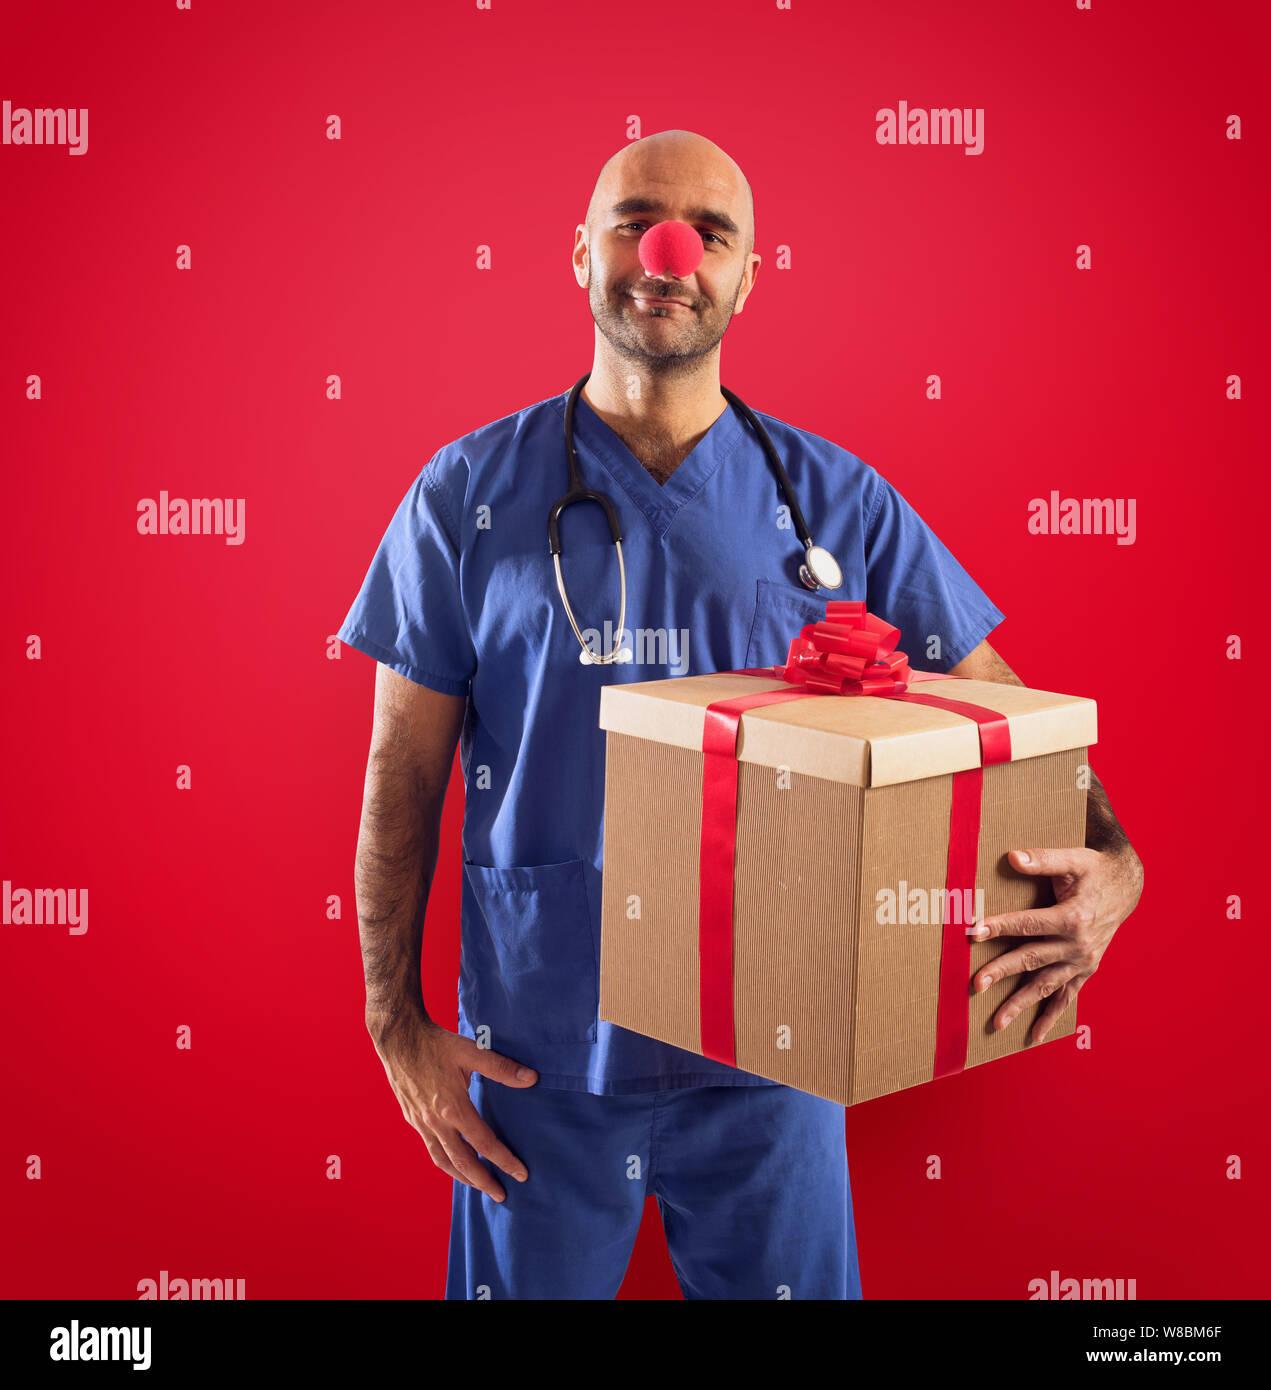 Krankenschwester mit clown Nase und Geschenk auf rotem Hintergrund Stockfoto